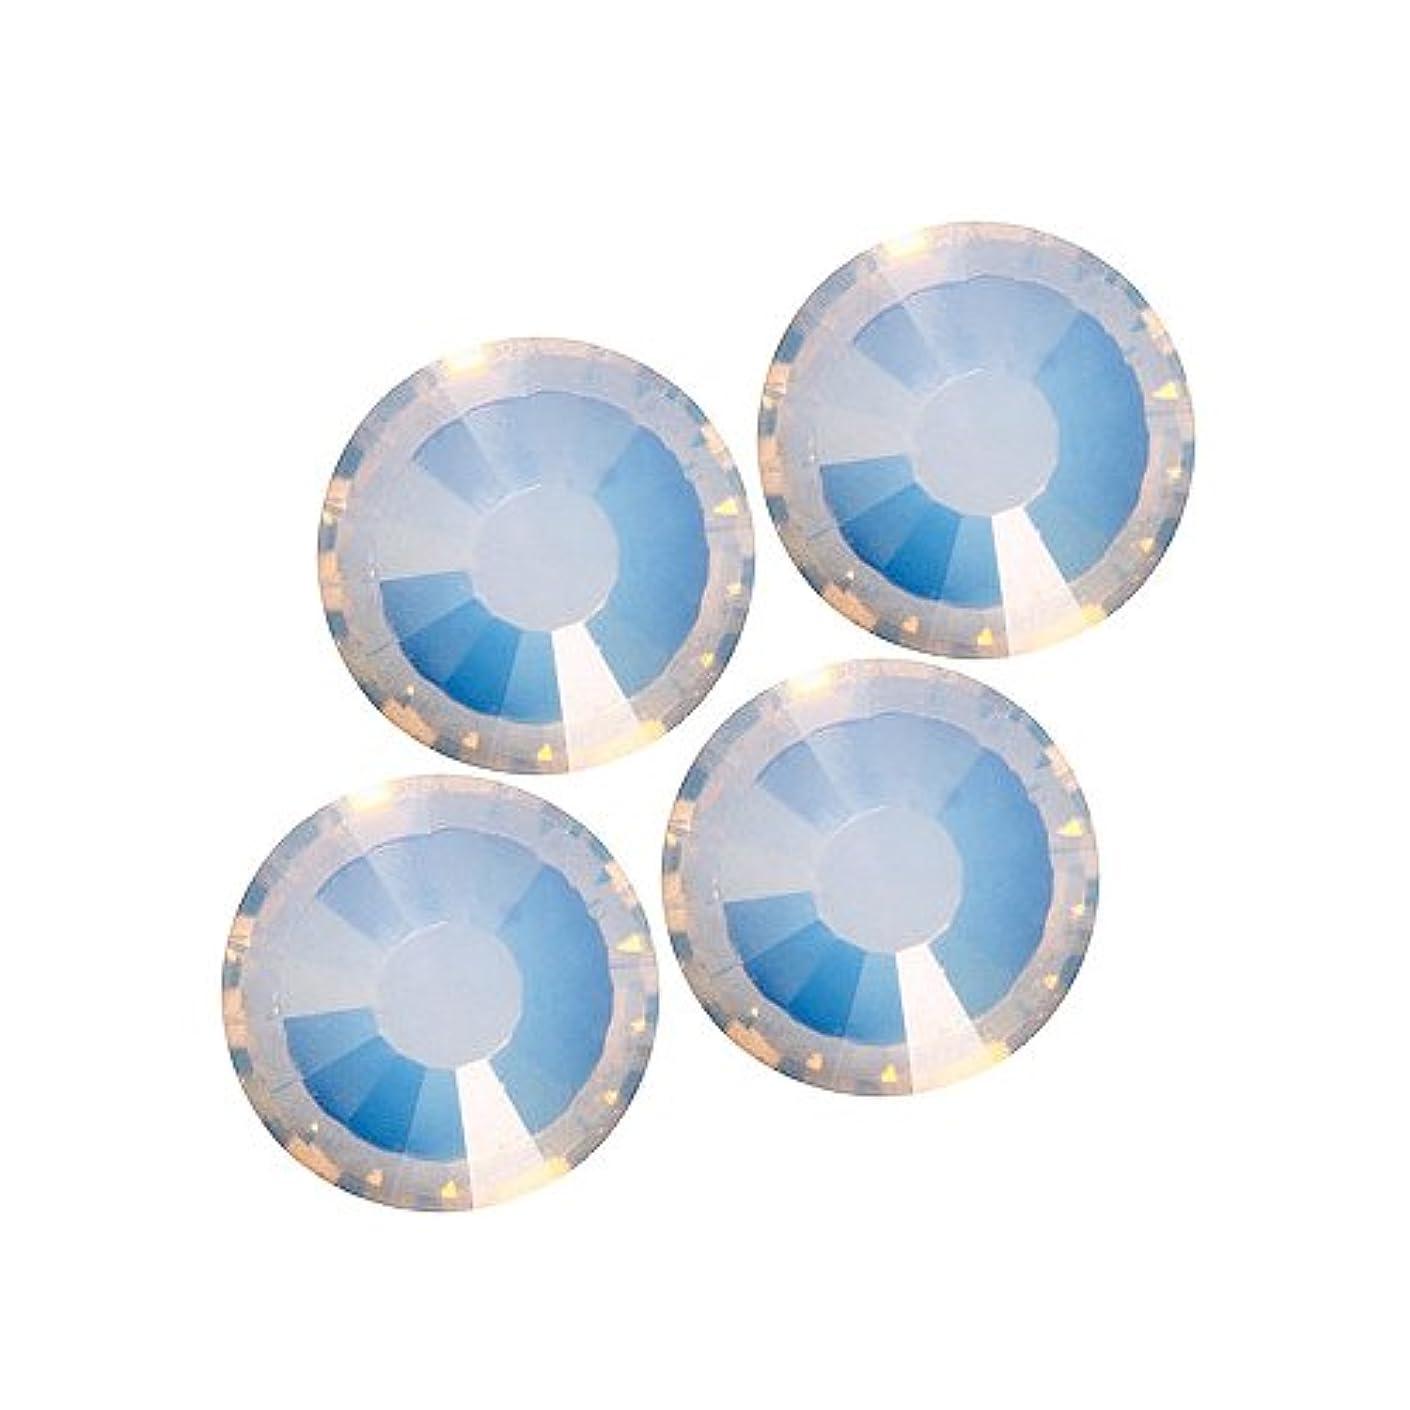 くぼみ日瀬戸際バイナル DIAMOND RHINESTONE ホワイトオパールSS8 1440粒 ST-SS8-WHO-10G